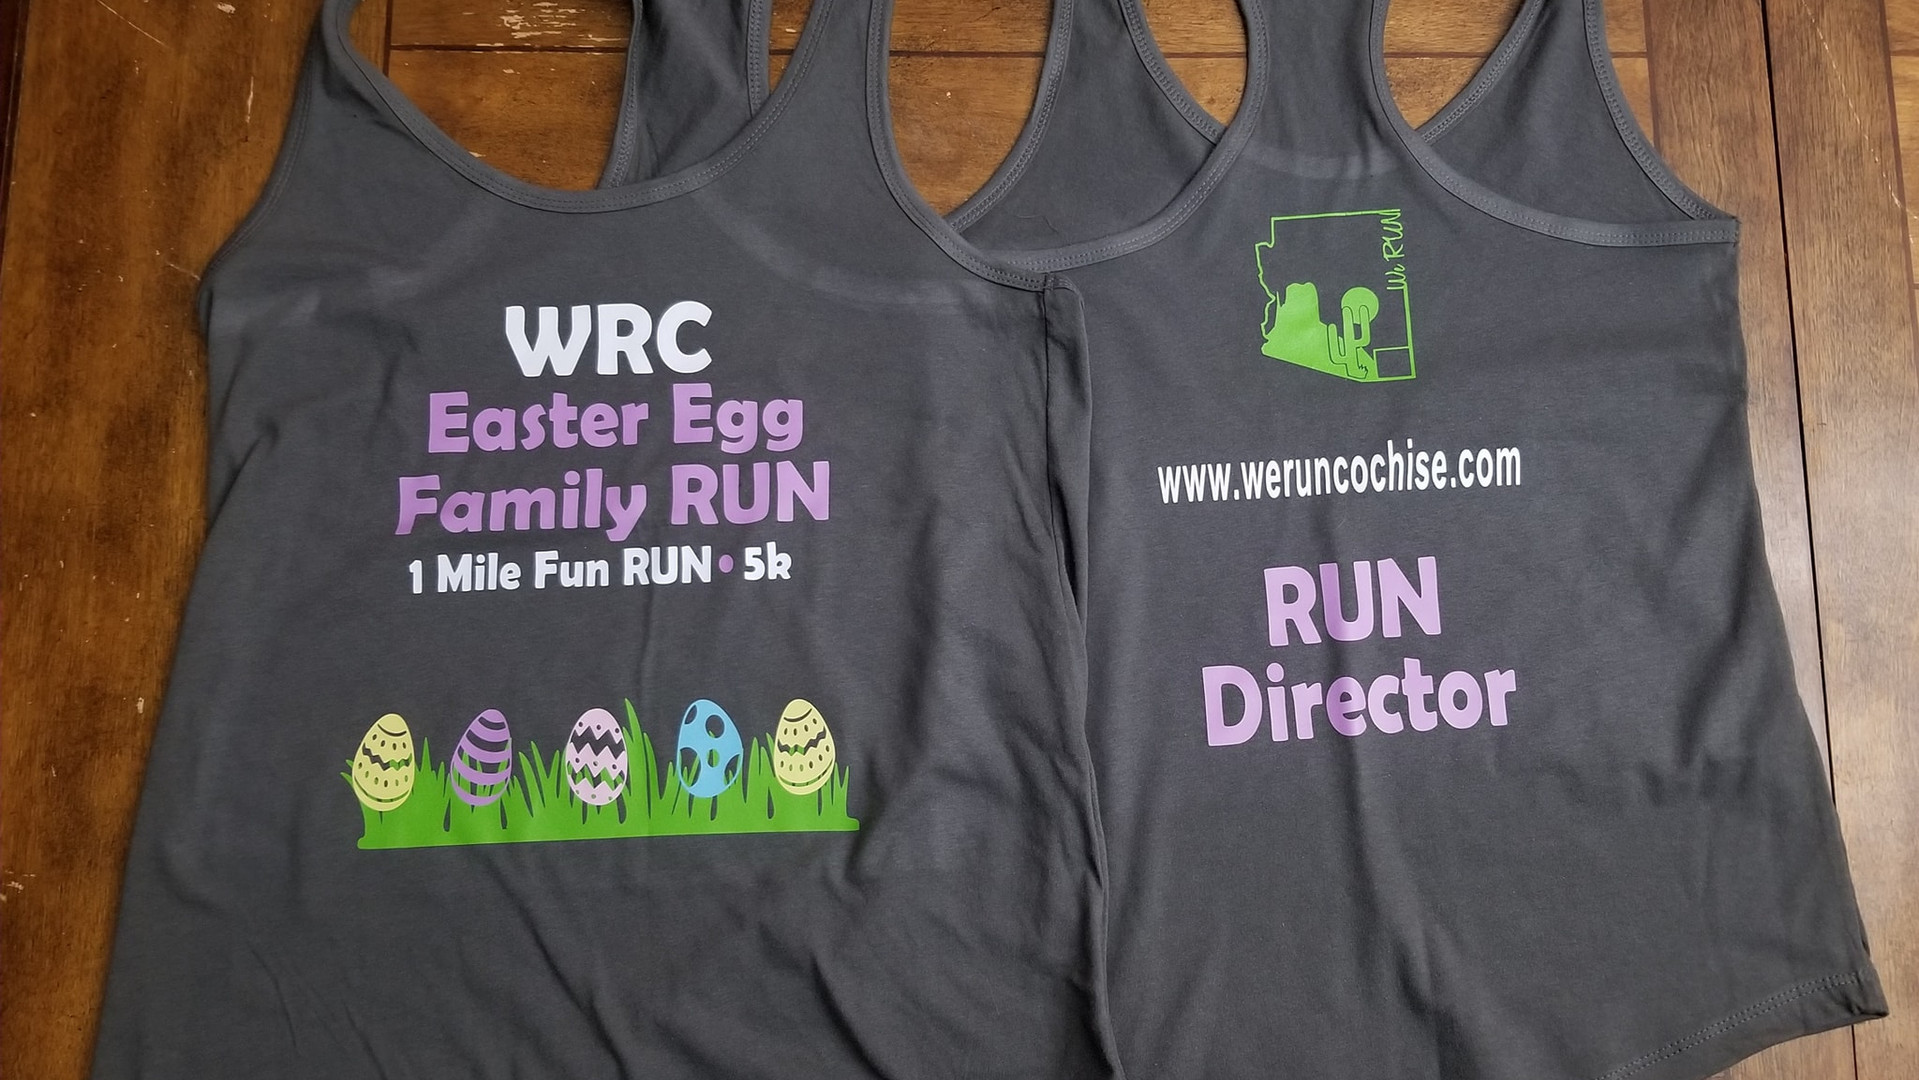 RUN Shirts